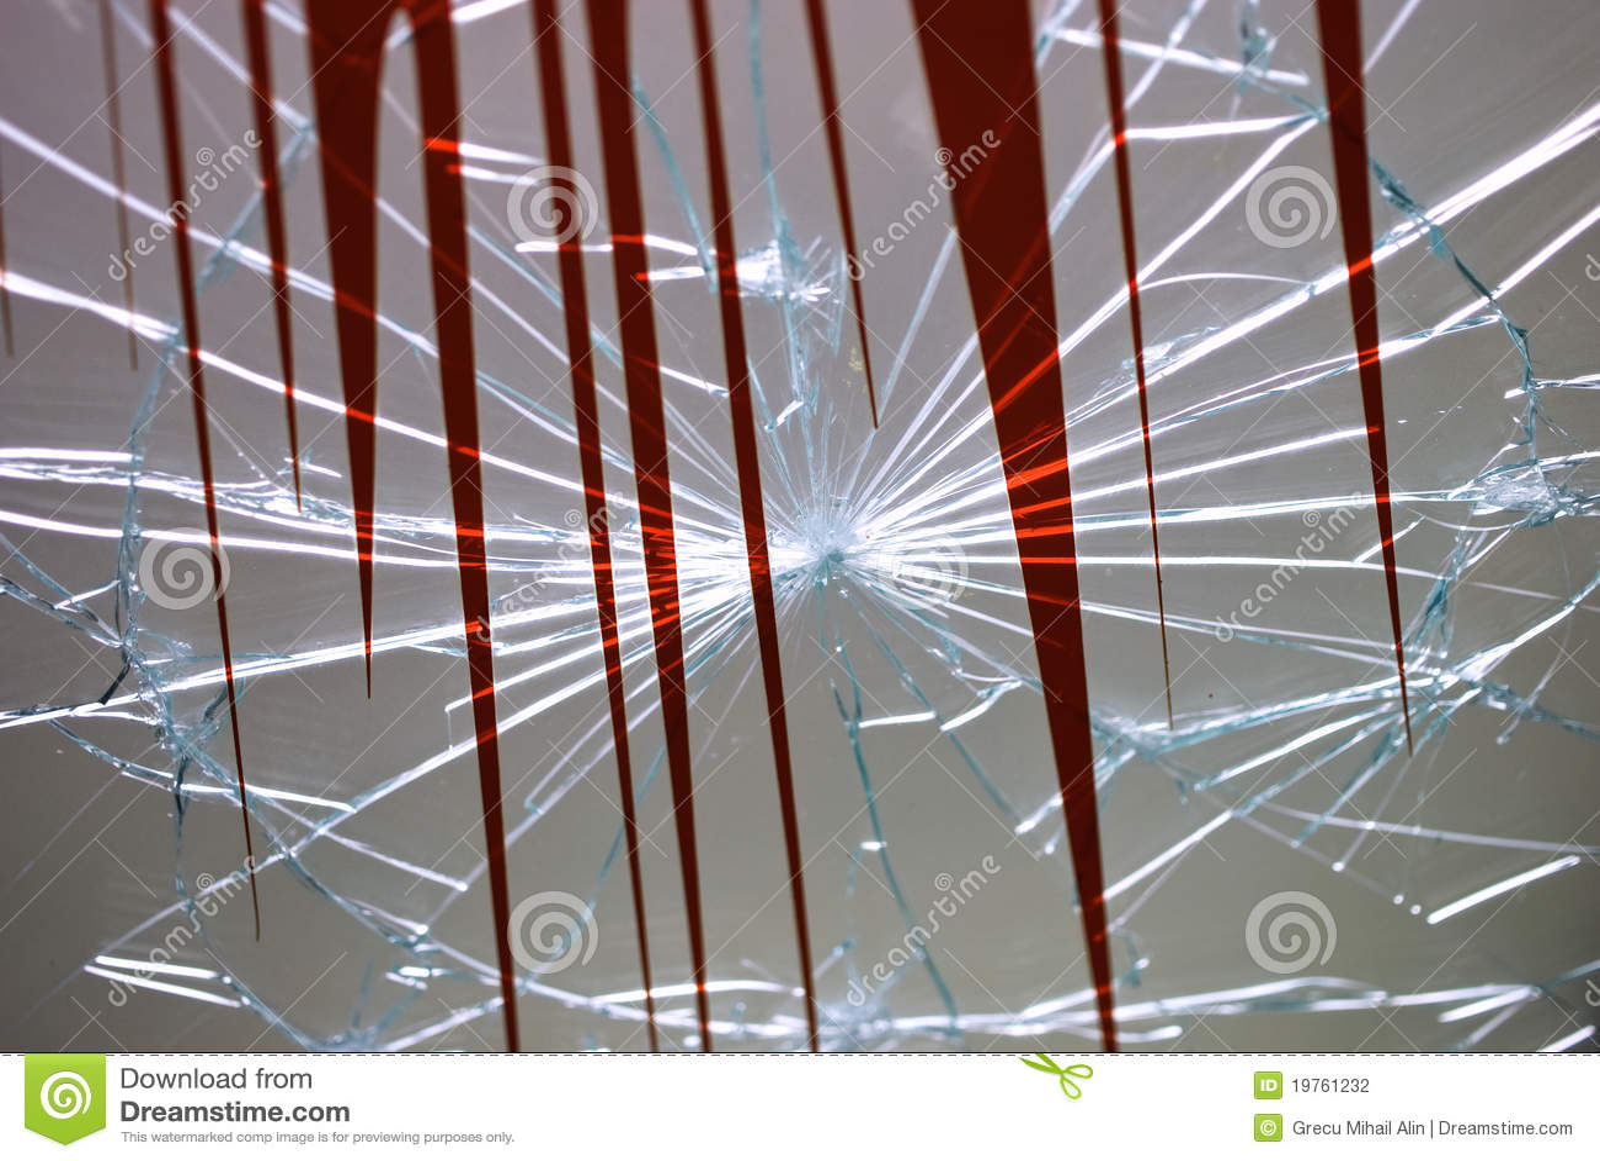 łamany szkło